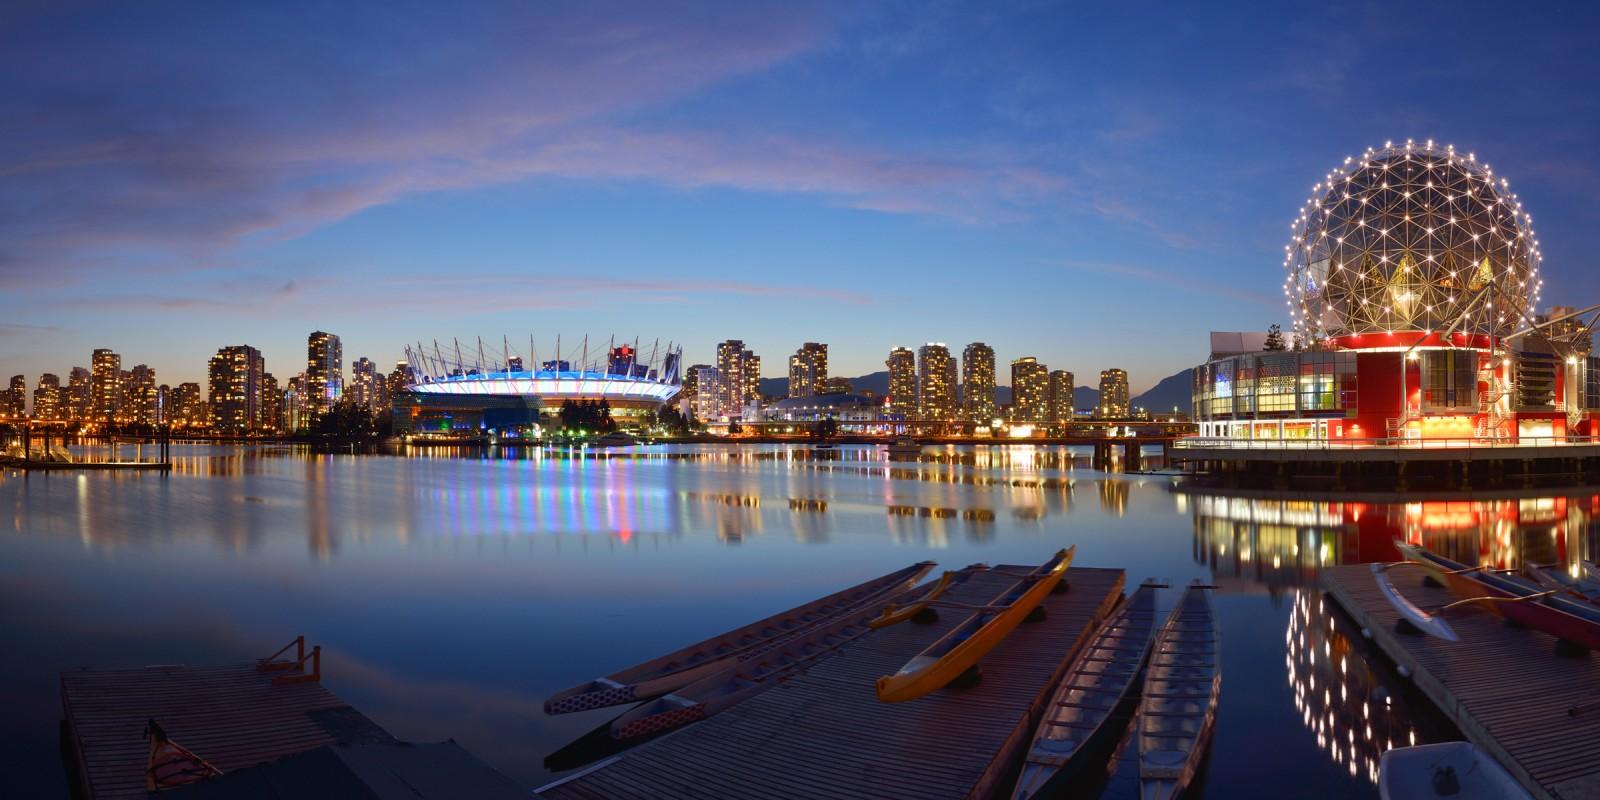 Vancouver hiện là điểm đến du học hè yêu thích của nhiều sinh viên quốc tế